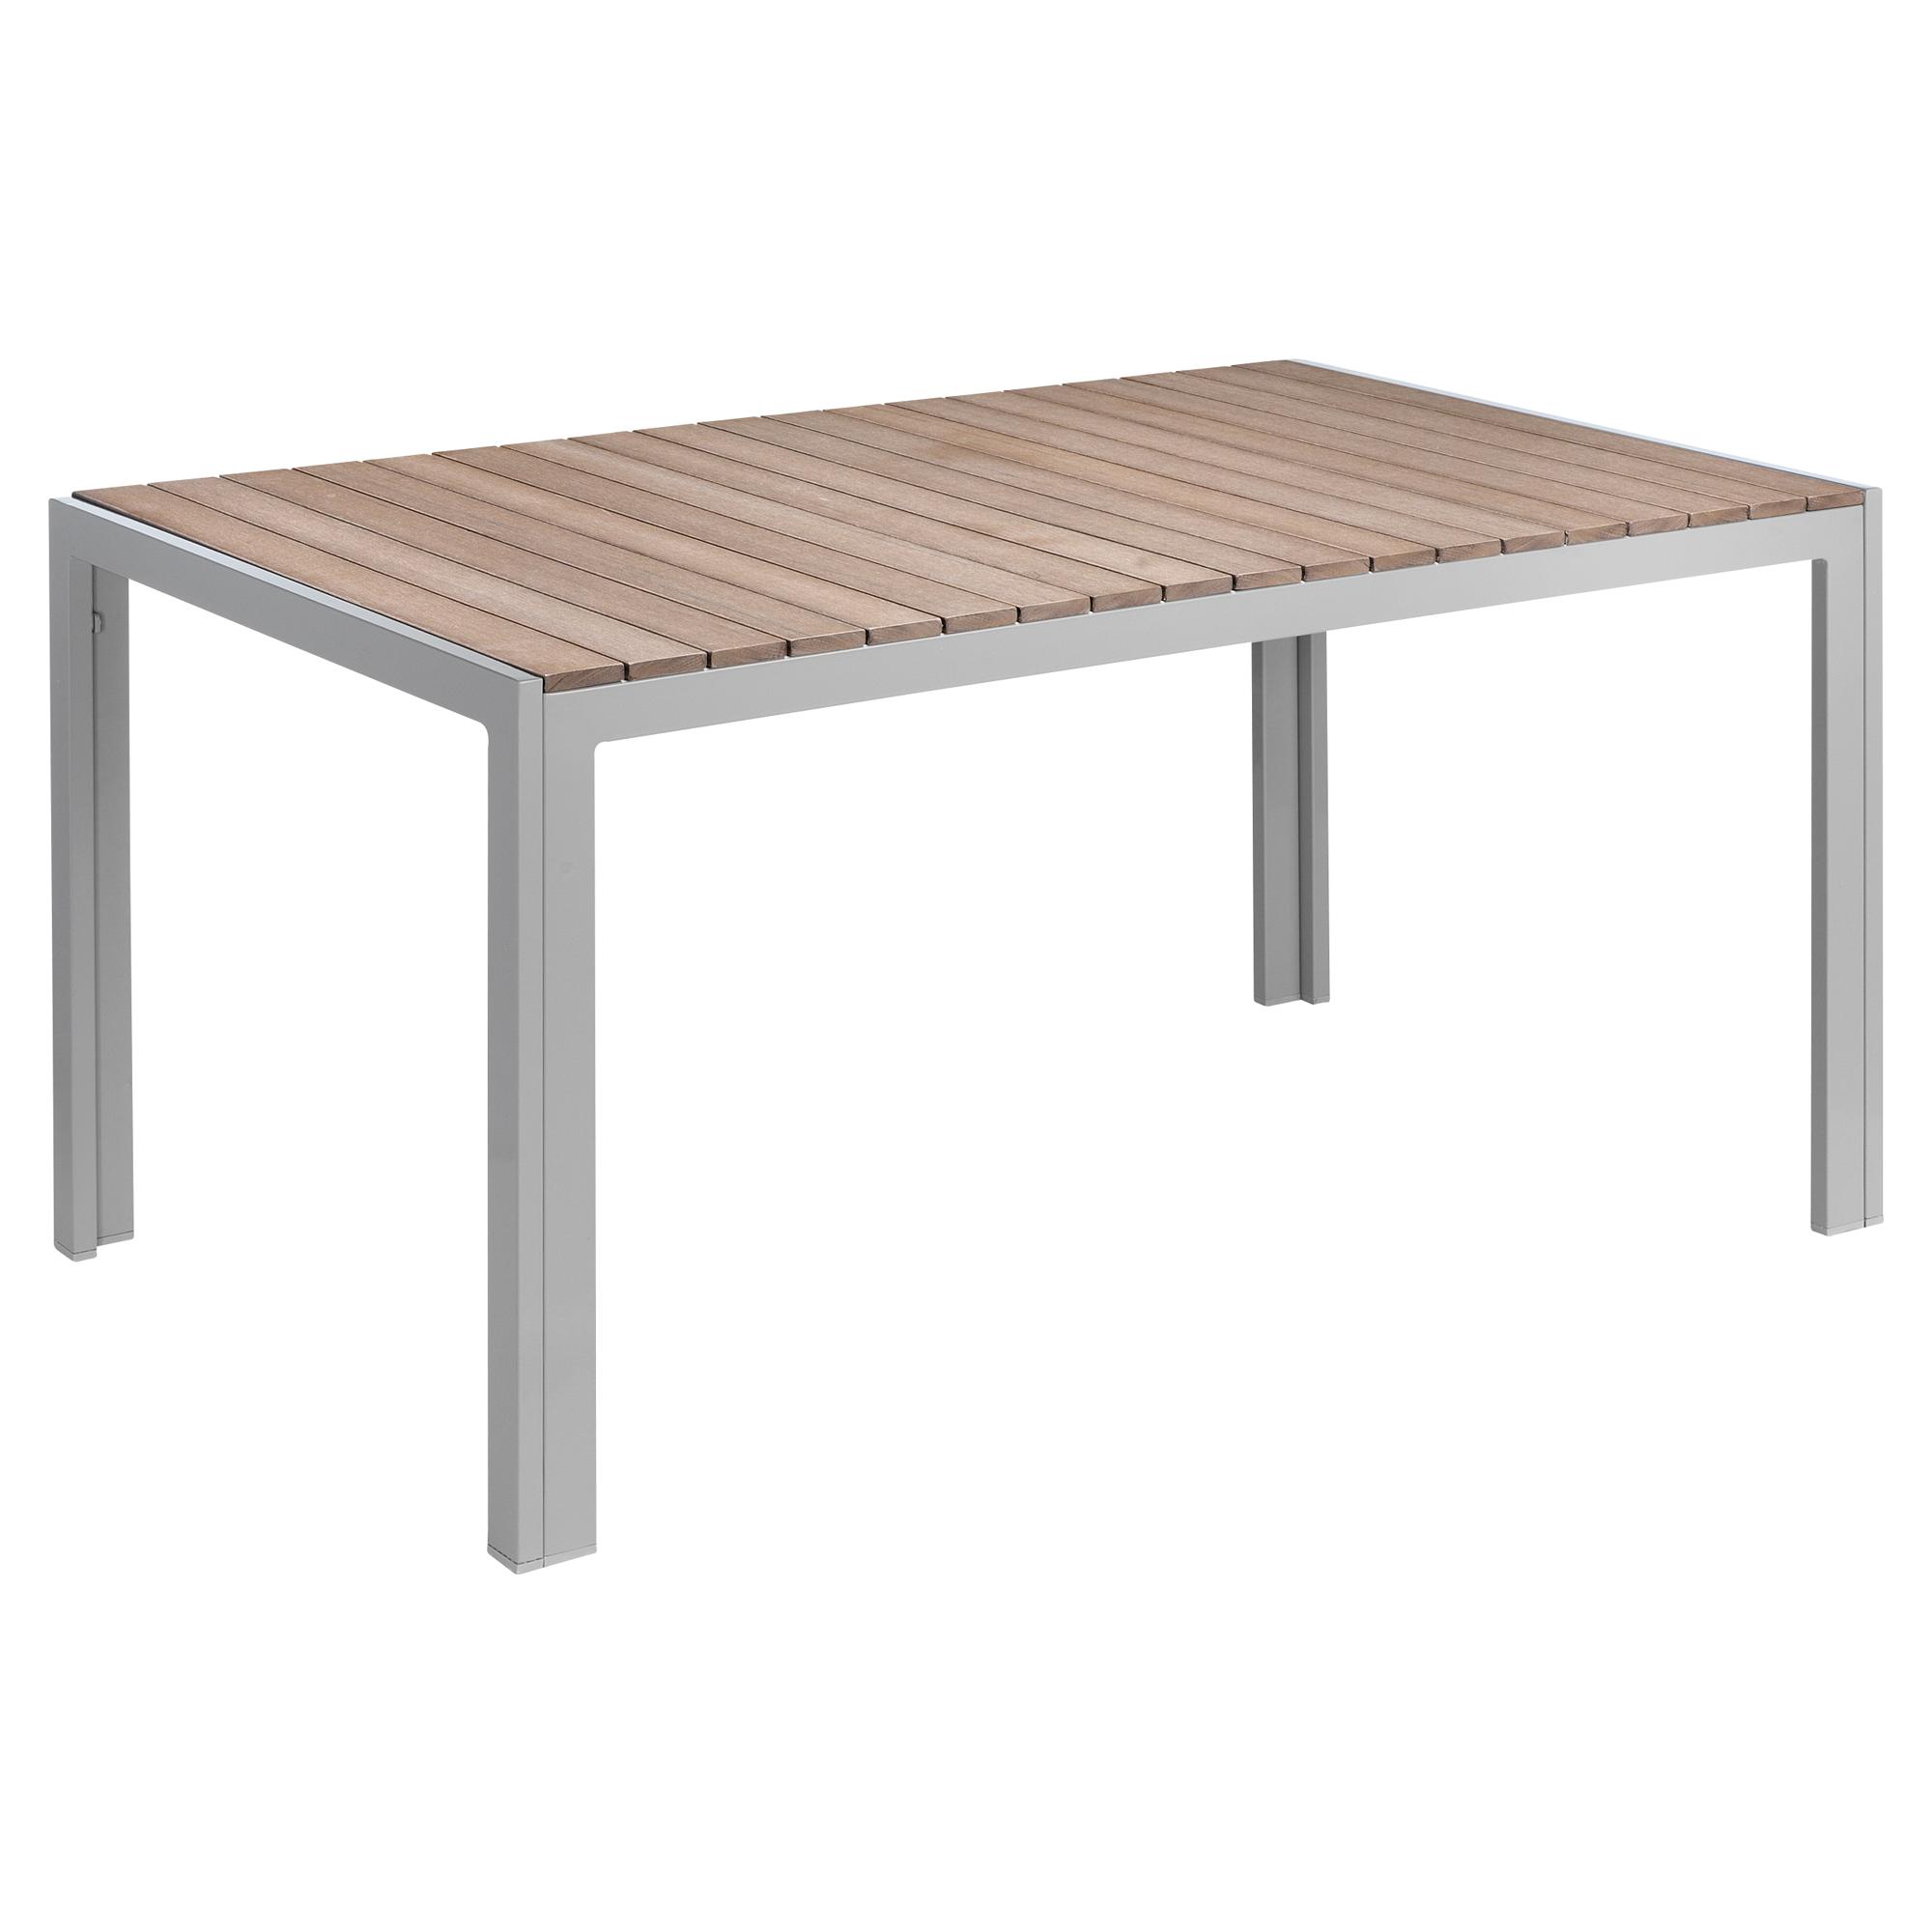 Gartentisch Nadja Braun Hellgrau 150 X 90 X 75 Cm ǀ Toom Baumarkt